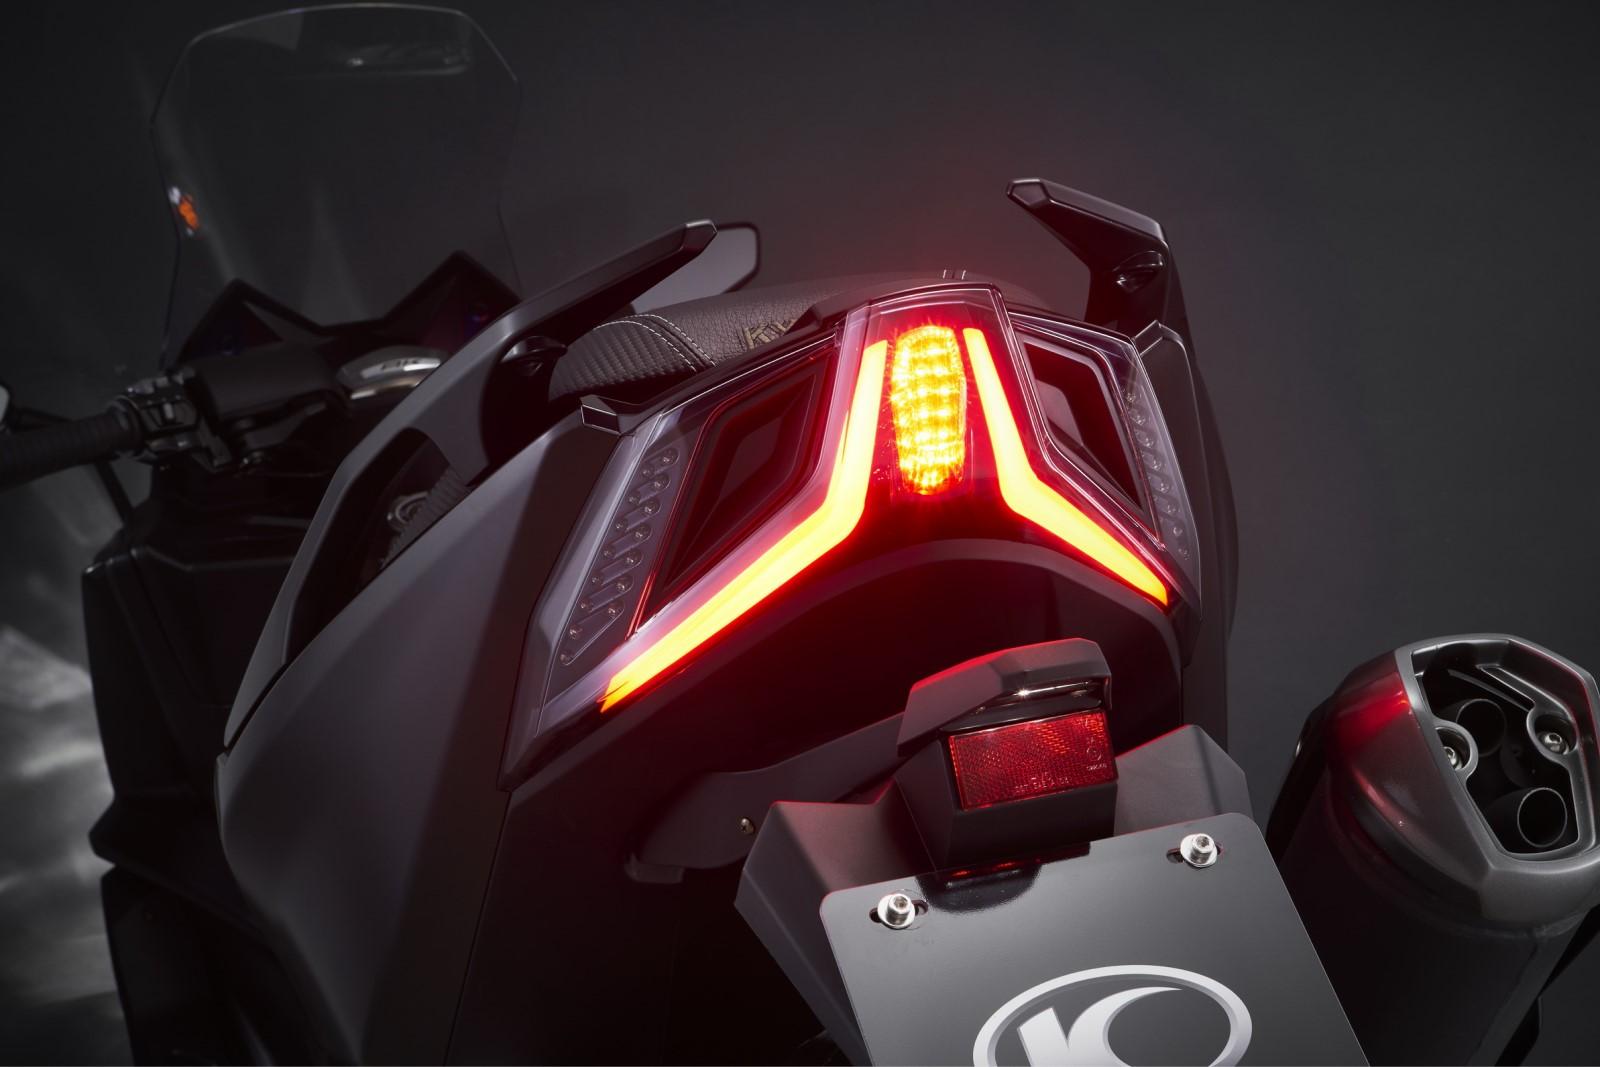 Προβολείς και φωτιστικά σώµατα full LED